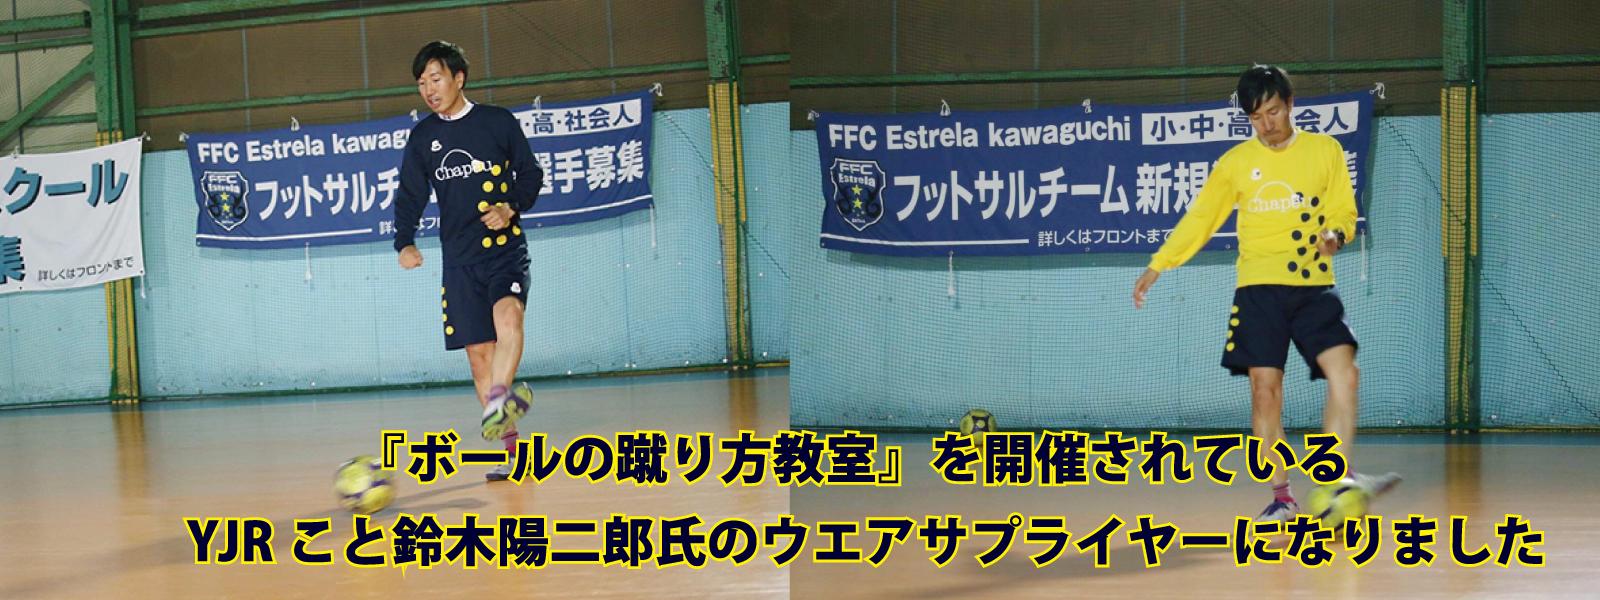 鈴木陽二郎氏のウエアサプライヤーになりました。